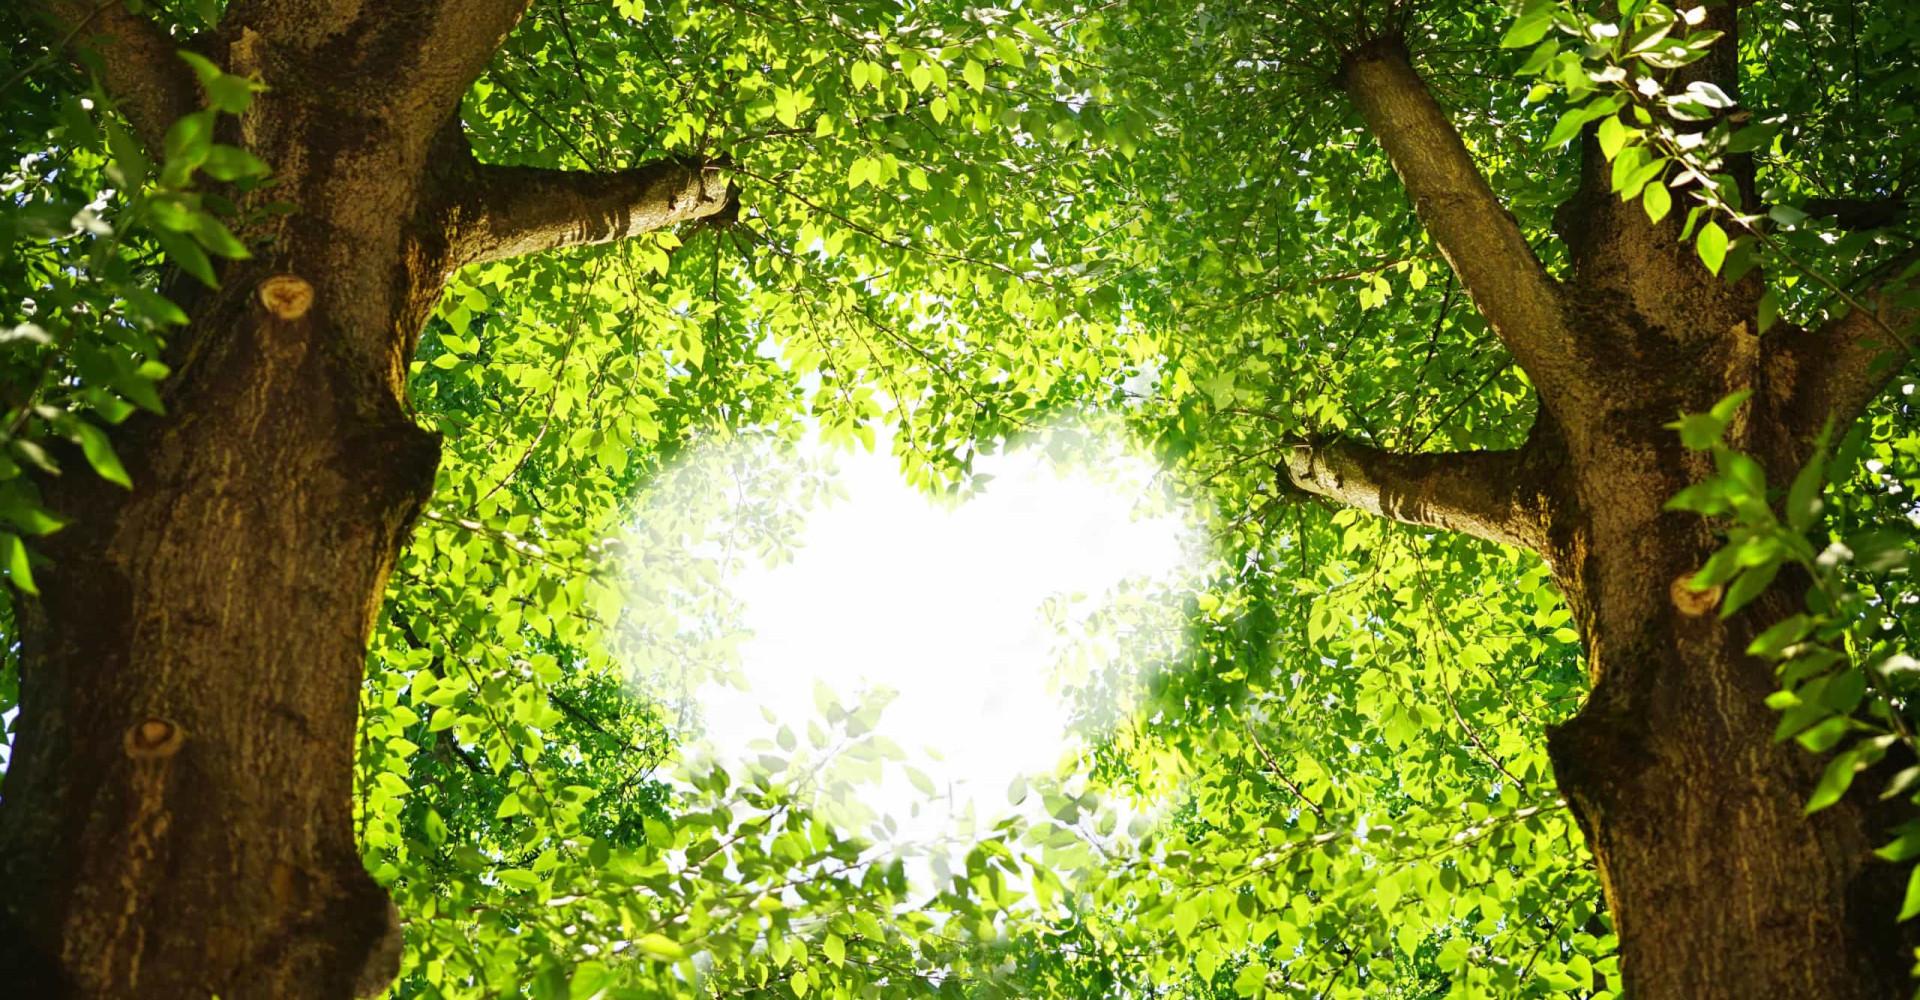 Hoe groen is jouw hart?